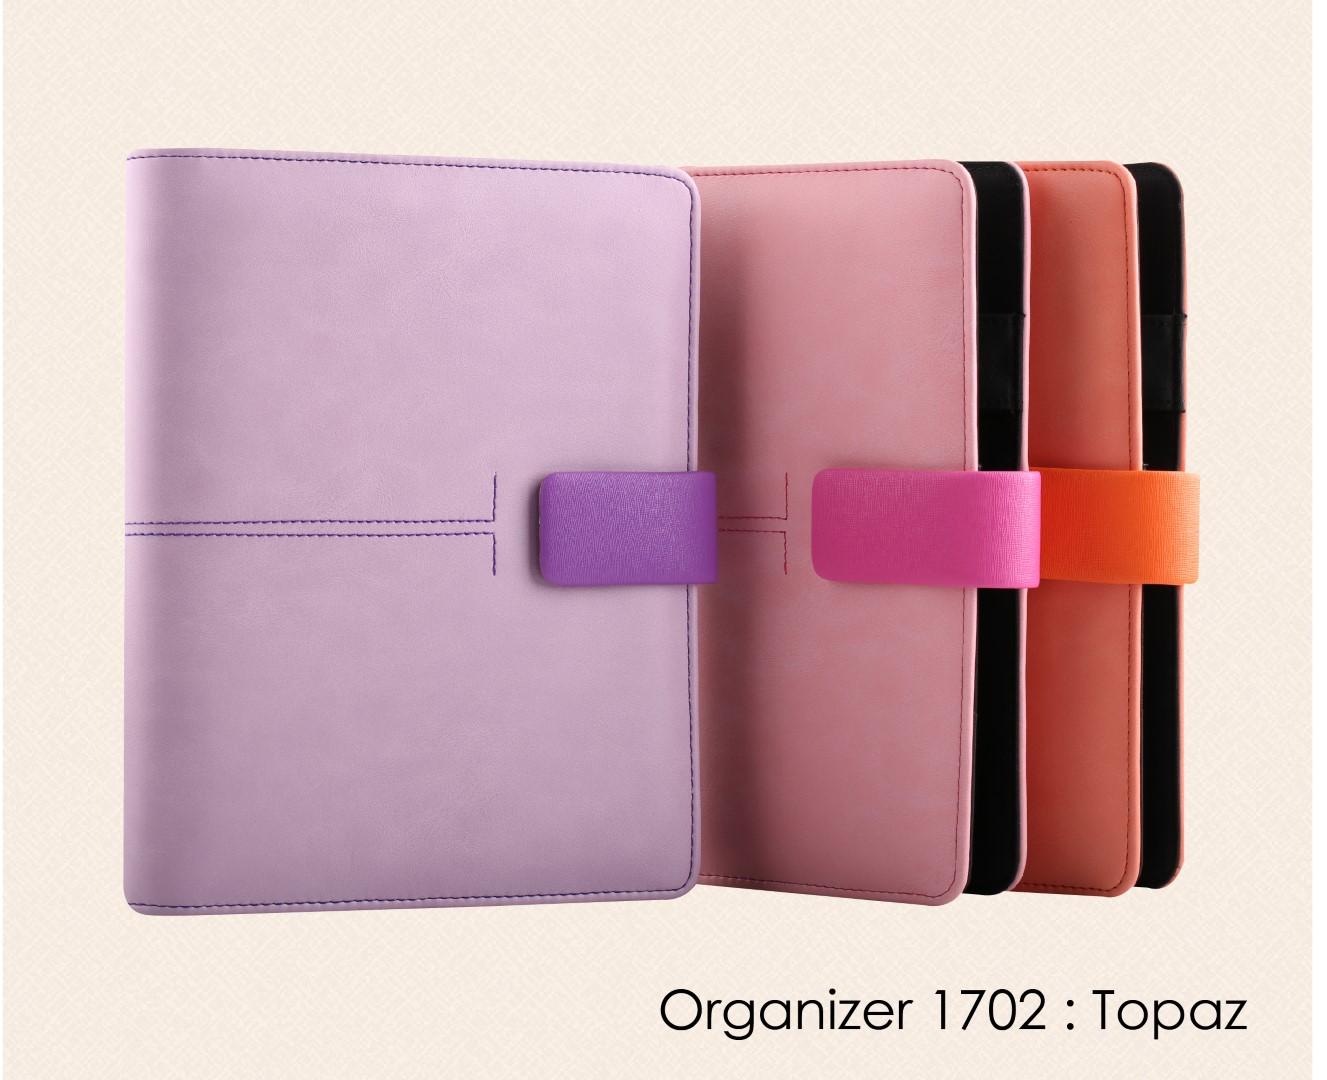 สมุดออร์กาไนเซอร์  Organizer  : OR 1702 topaz